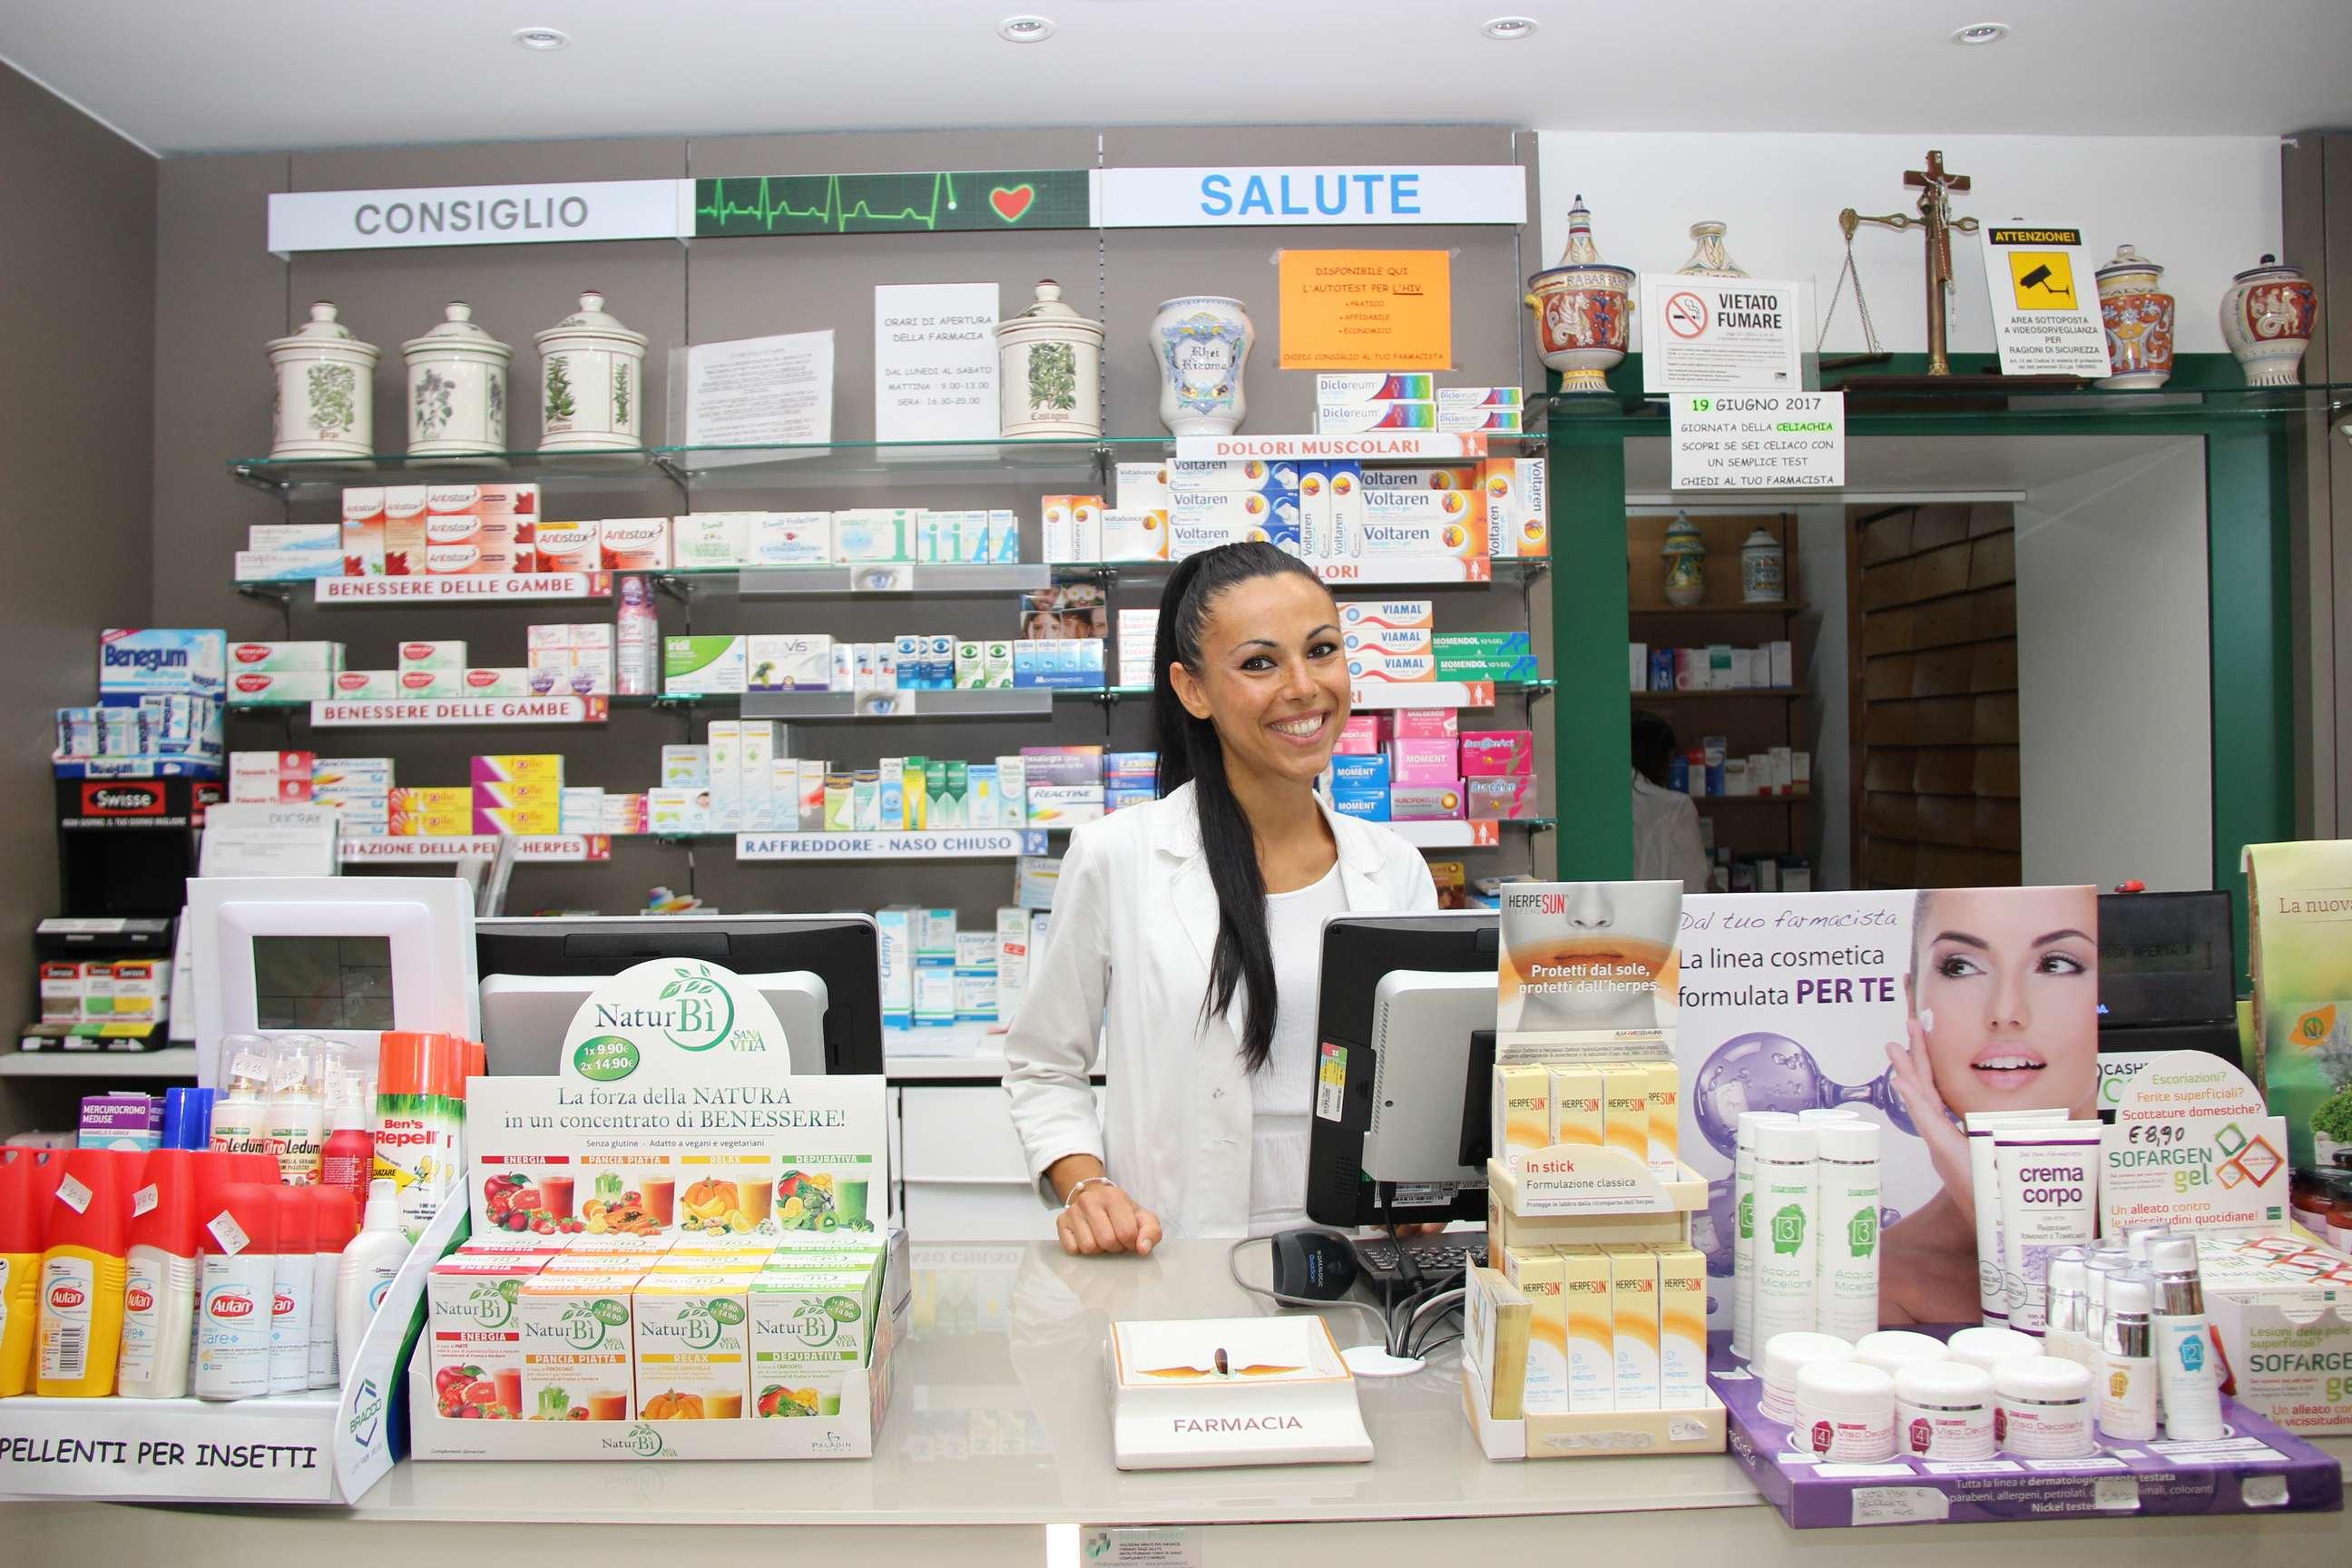 farmacia-delogu-sassari-lattedolce-turno-foto00026